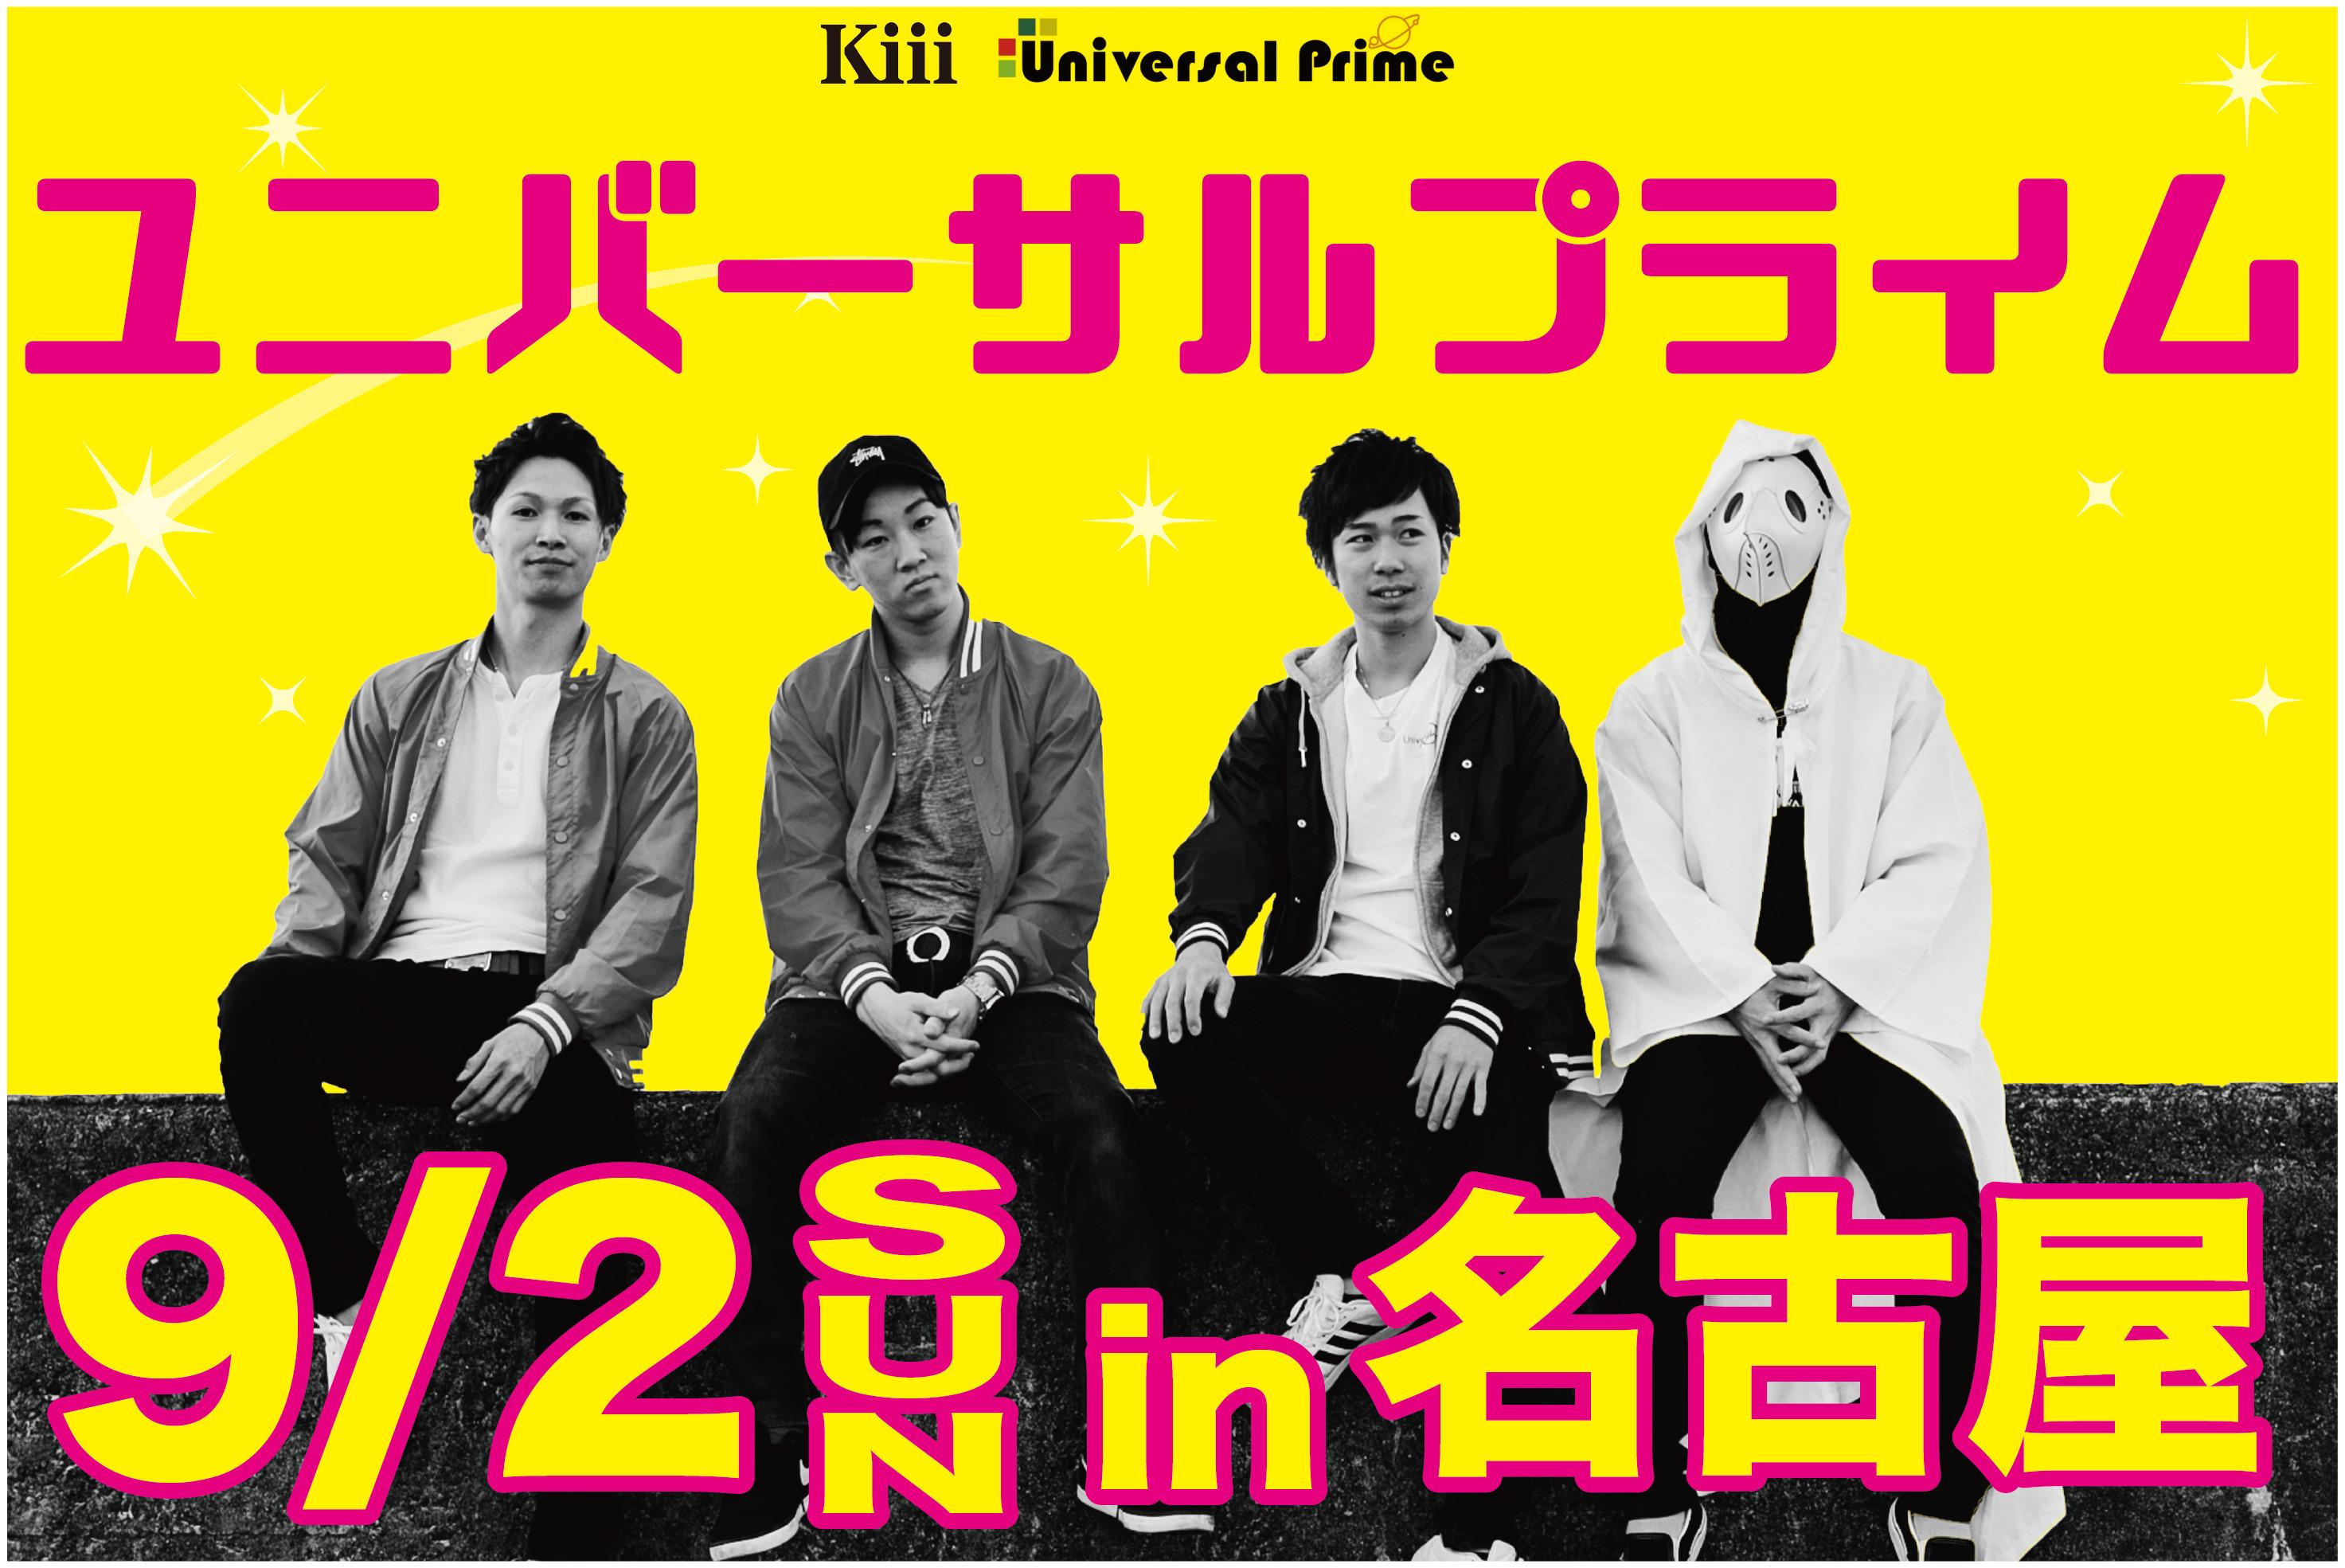 ユニバーサルプライム  交流会 in名古屋